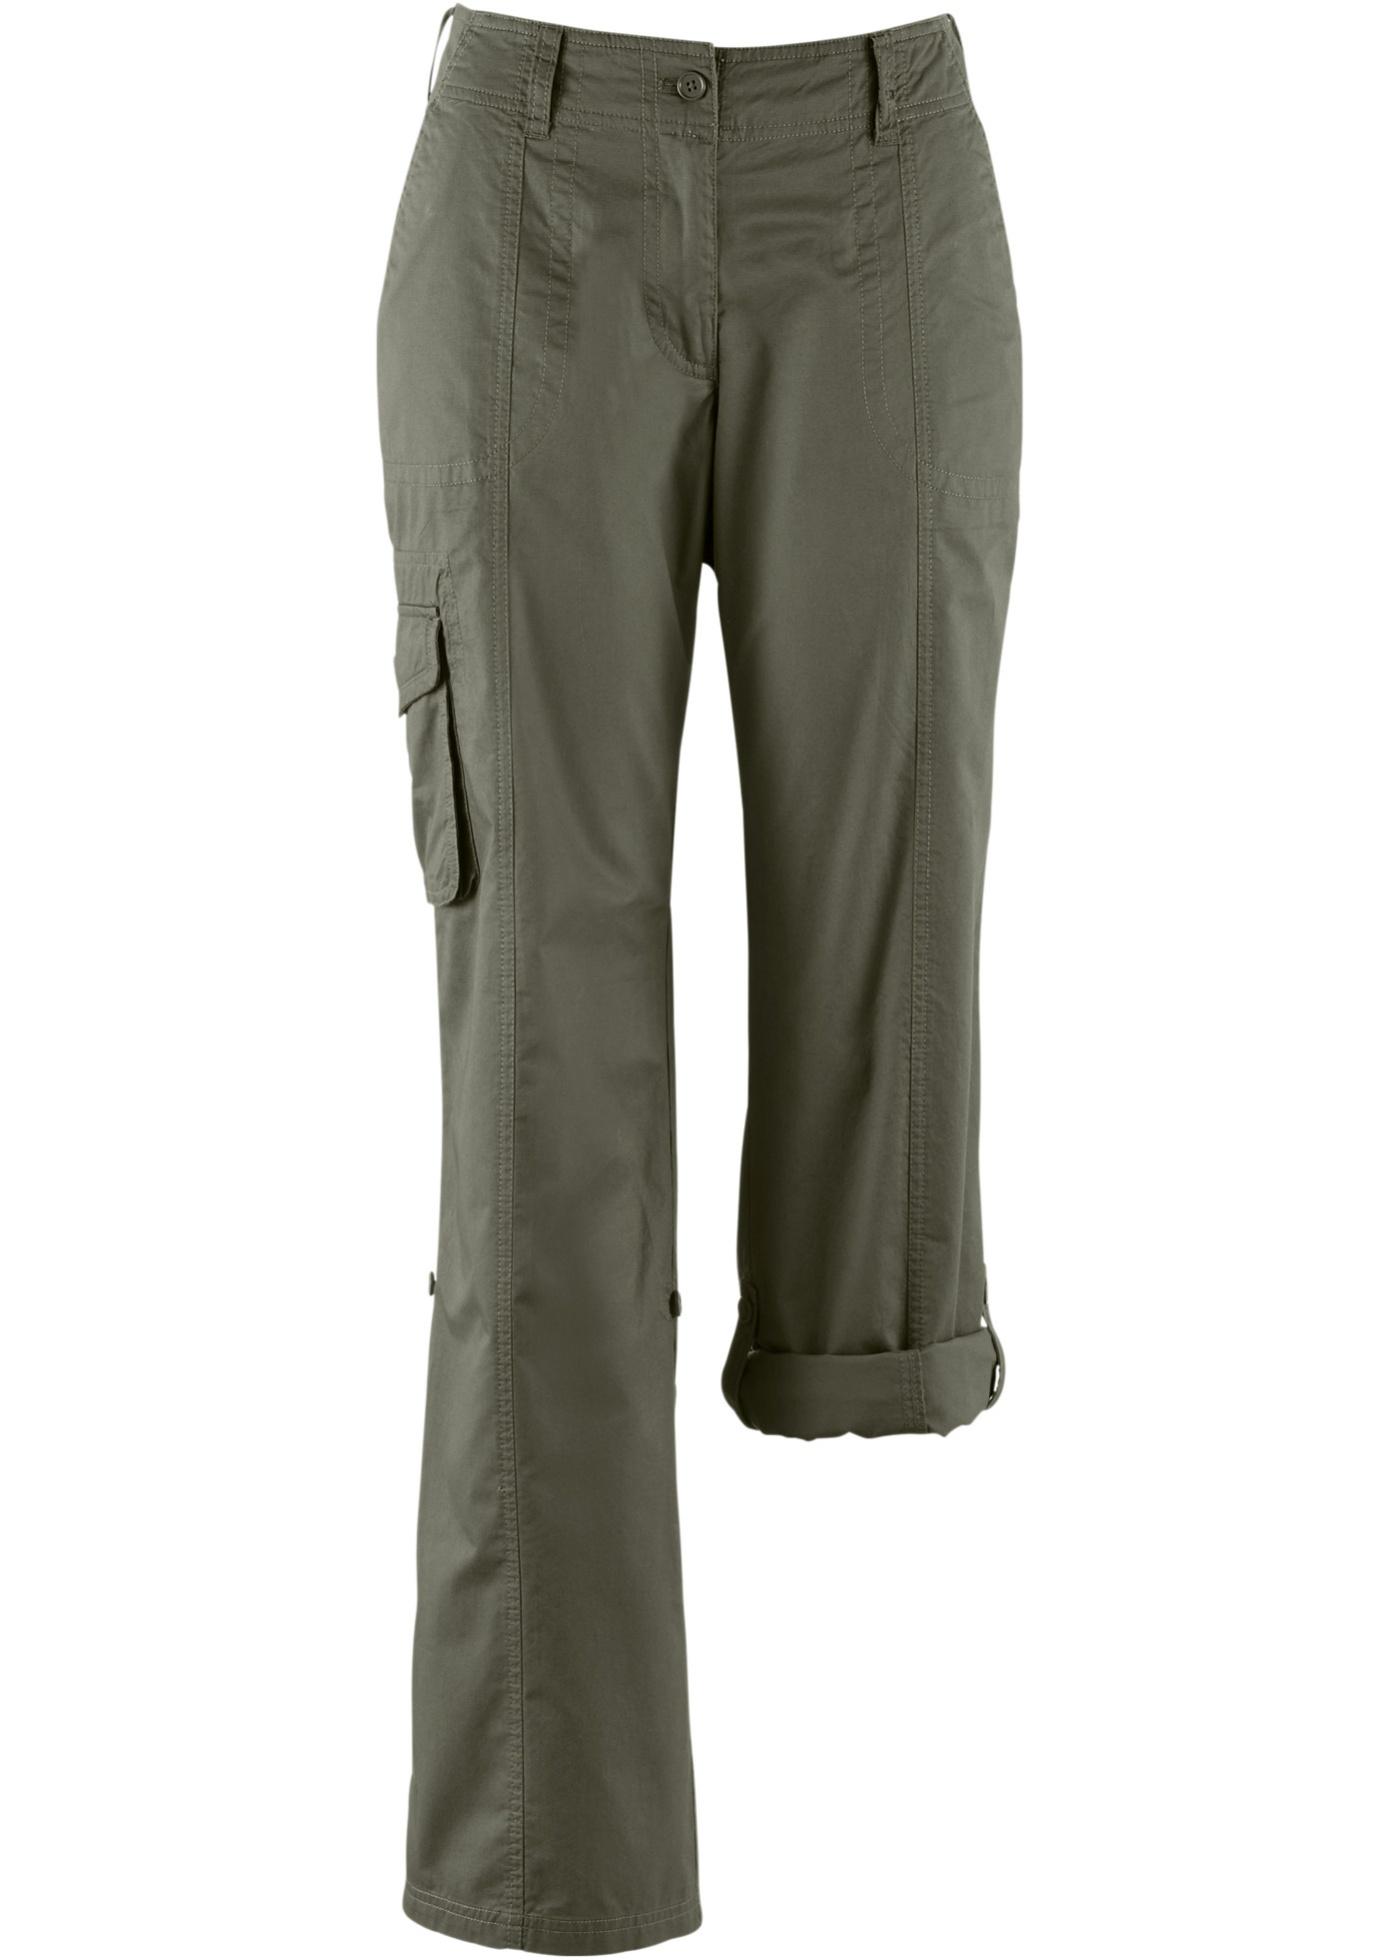 Ohrnovací kargo kalhoty - Zelená